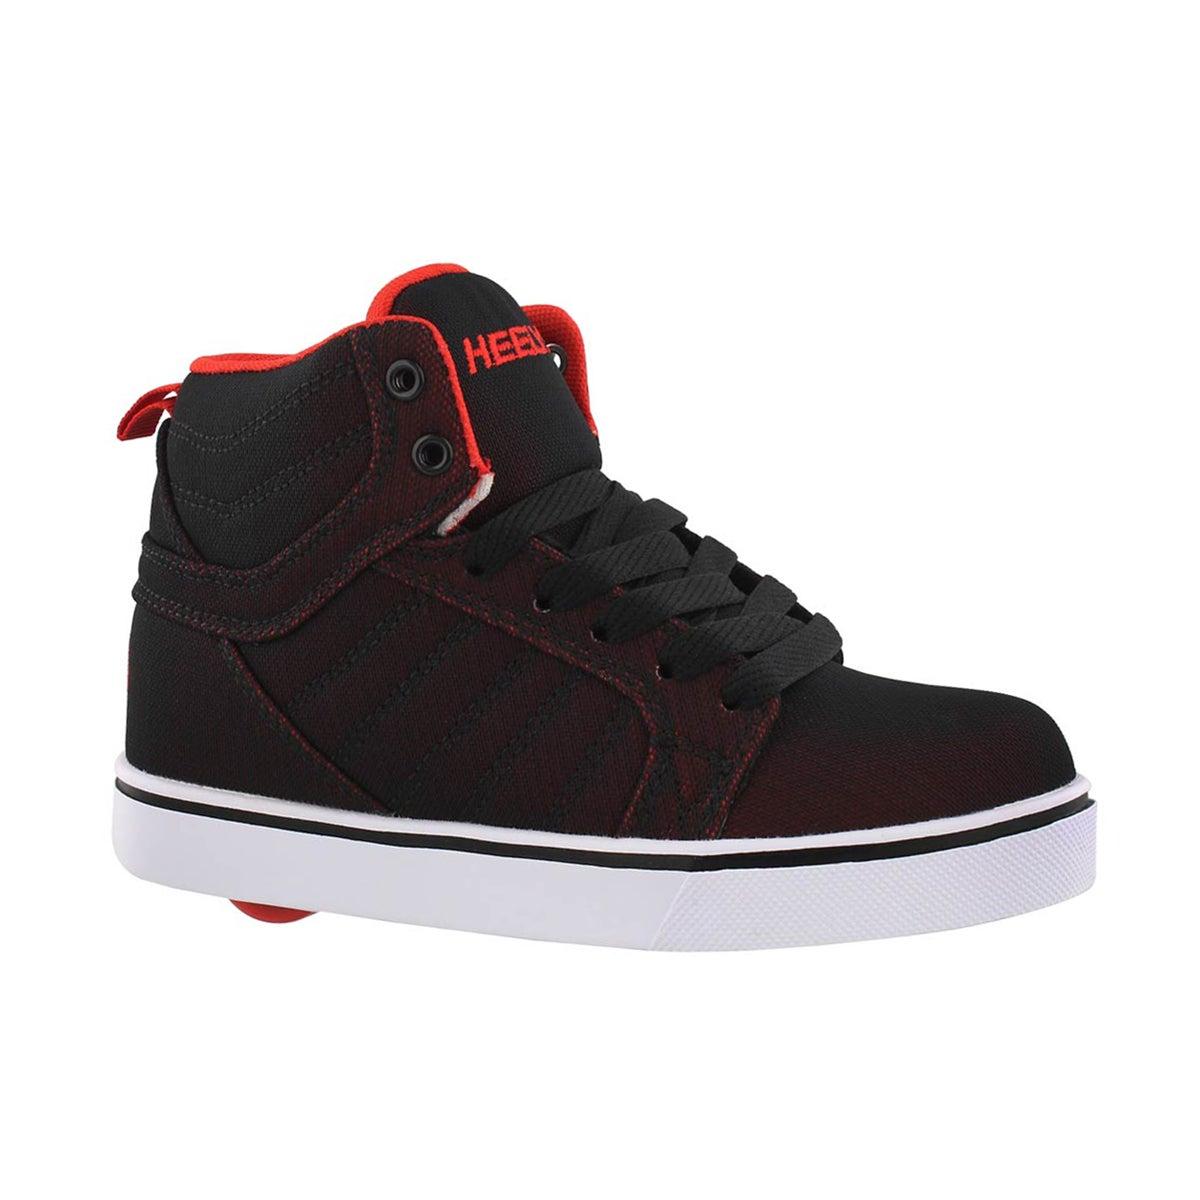 Boys' UPTOWN black/red hit top skate sneakers